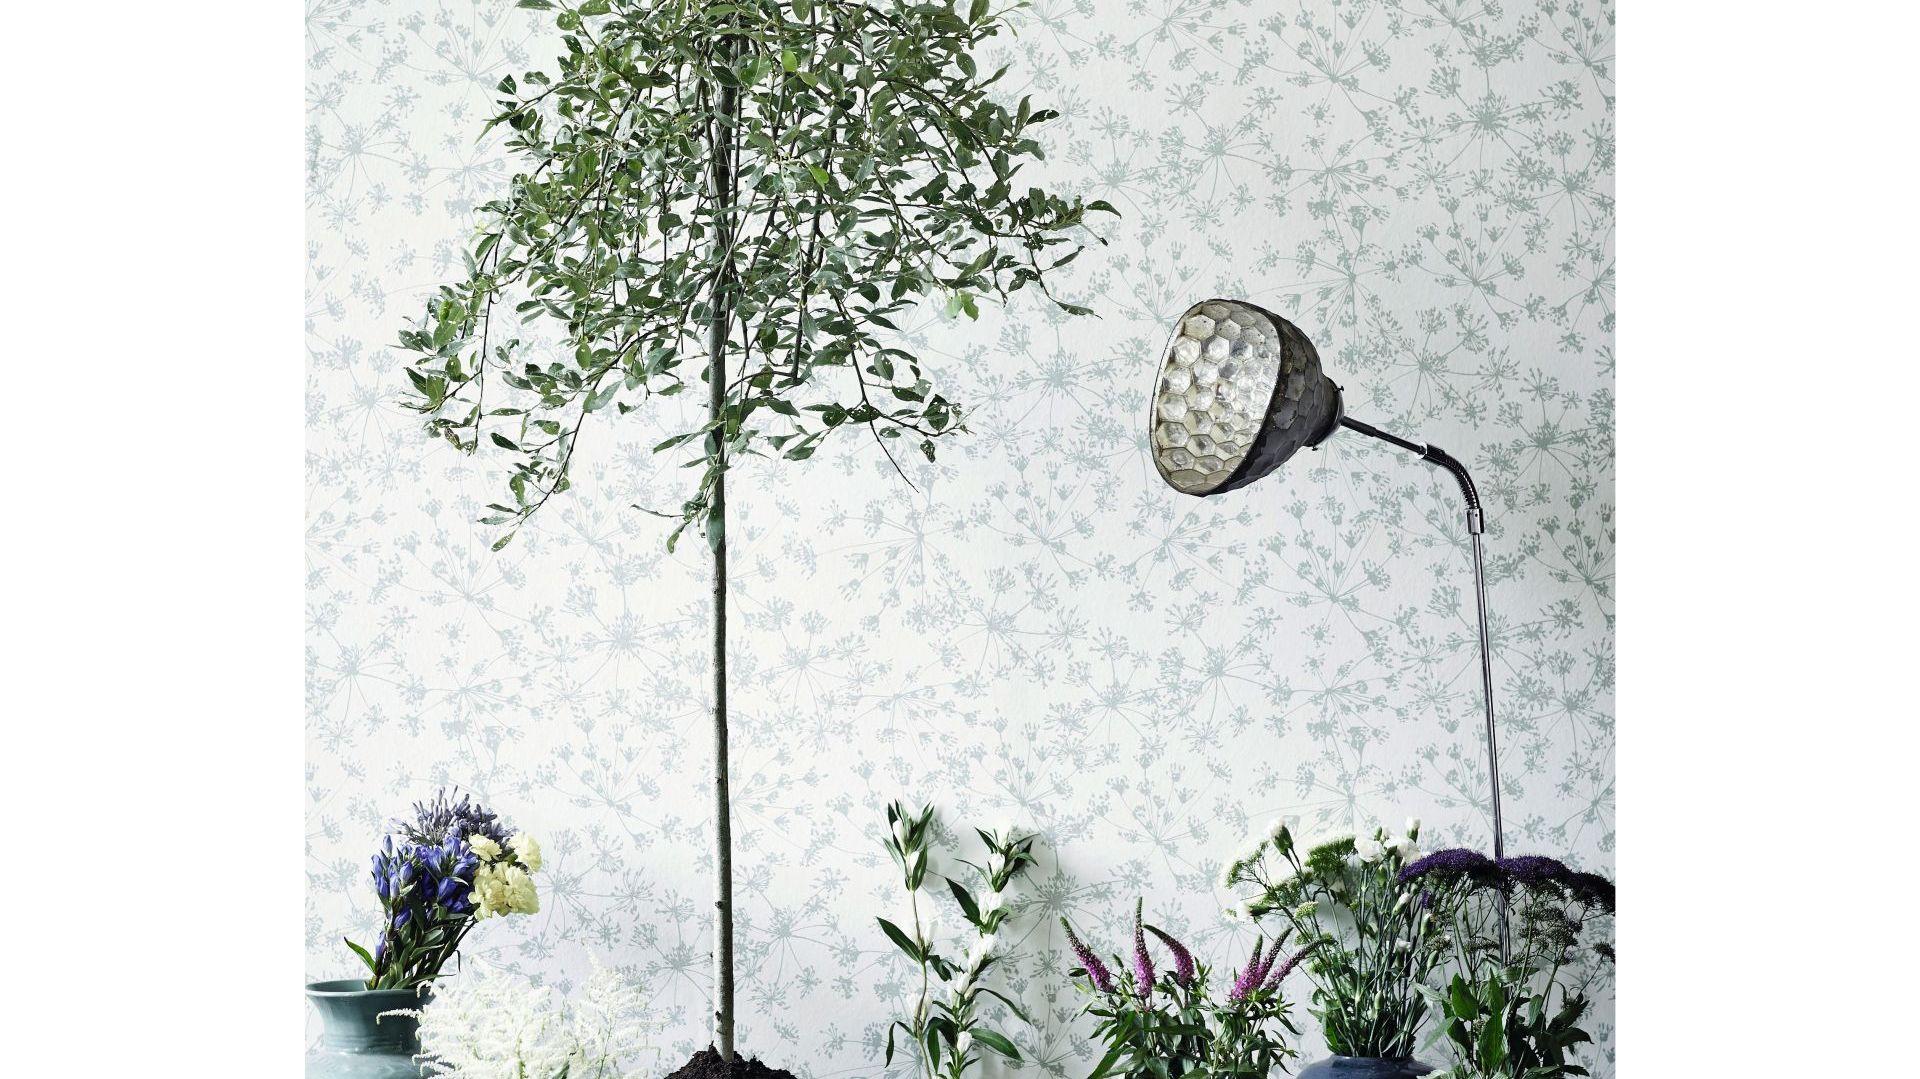 Inspiracją do powstania kolekcji był spacer po ogrodzie botanicznym w Kopenhadze. Wzory przedstawiają roślinne elementy w nowej odsłonie, a nacisk położono na zachowanie efektu rysunku odręcznego. W skład kolekcji wchodzi 7 wzorów w przeróżnych kolorystykach: Butterflies, Willow, Eucalyptus, Botanica, Pansyl Flower, Parsley i Birch Leaves. Fot. Flügger